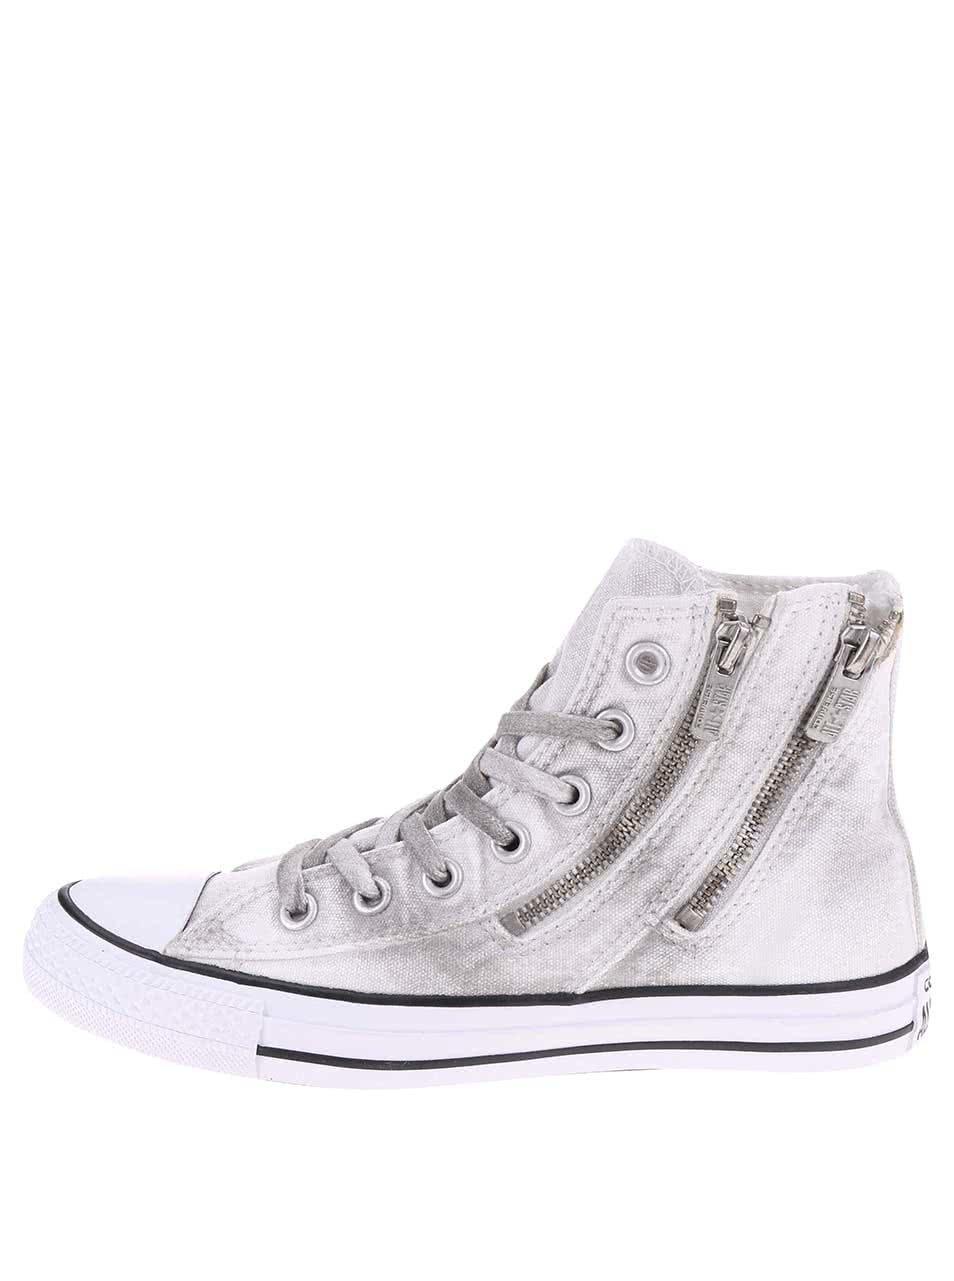 Šedo-bílé dámské tenisky Converse Chuck Taylor Dual Zip ... 336d46d2c4